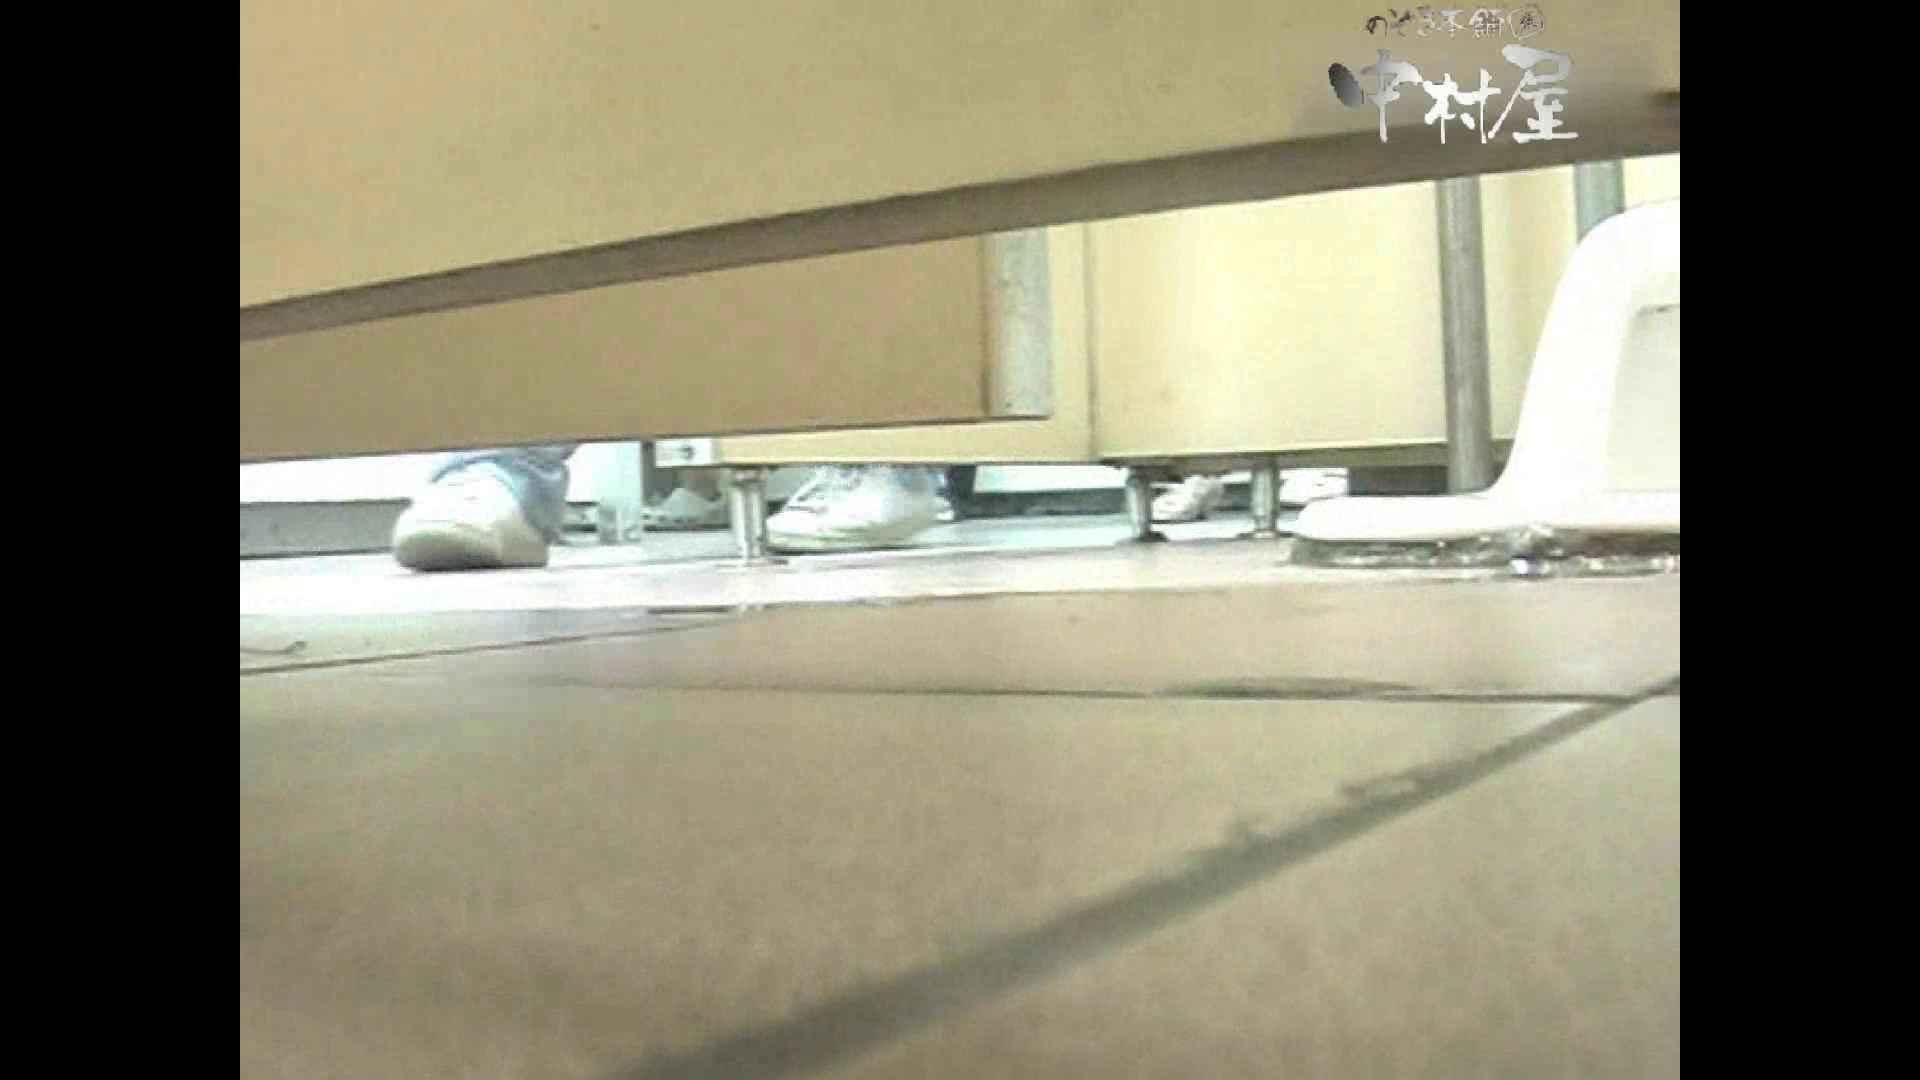 岩手県在住盗撮師盗撮記録vol.12 ハプニング映像 AV無料動画キャプチャ 91PIX 59